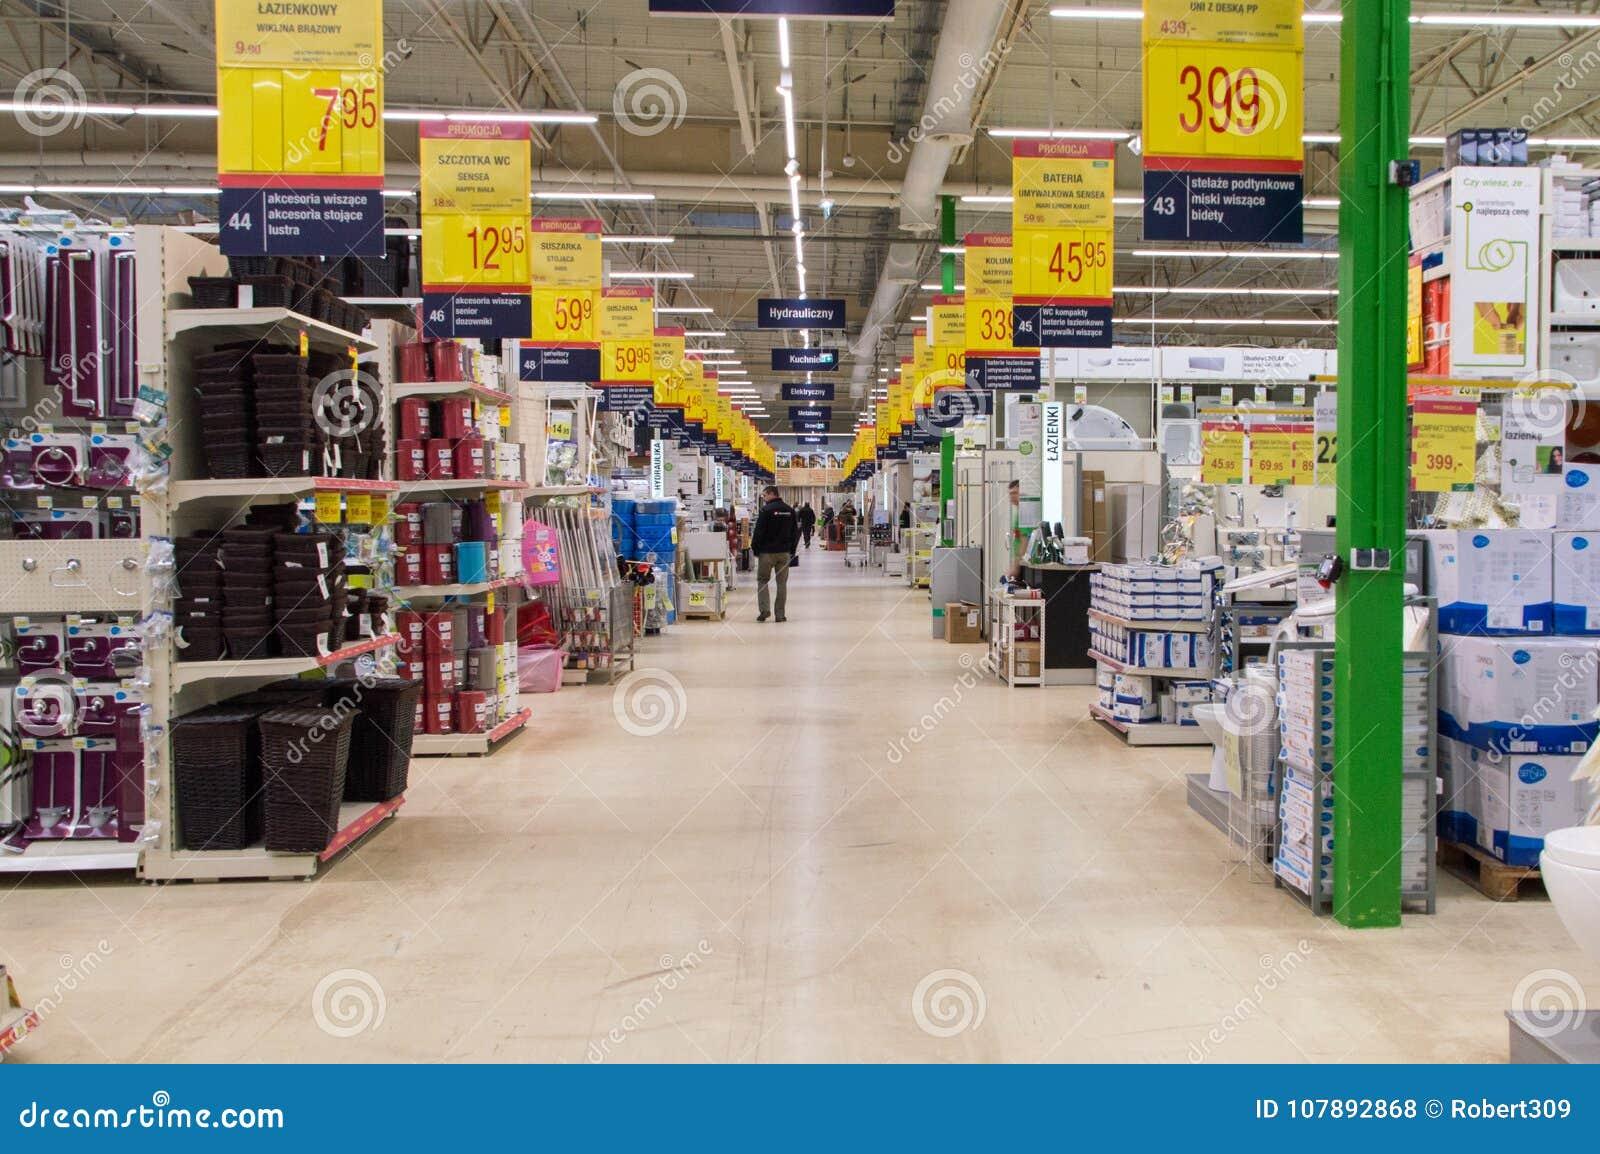 To Juz Nie Sklep To Gigamarket Leroy Merlin Biznes W Interia Pl